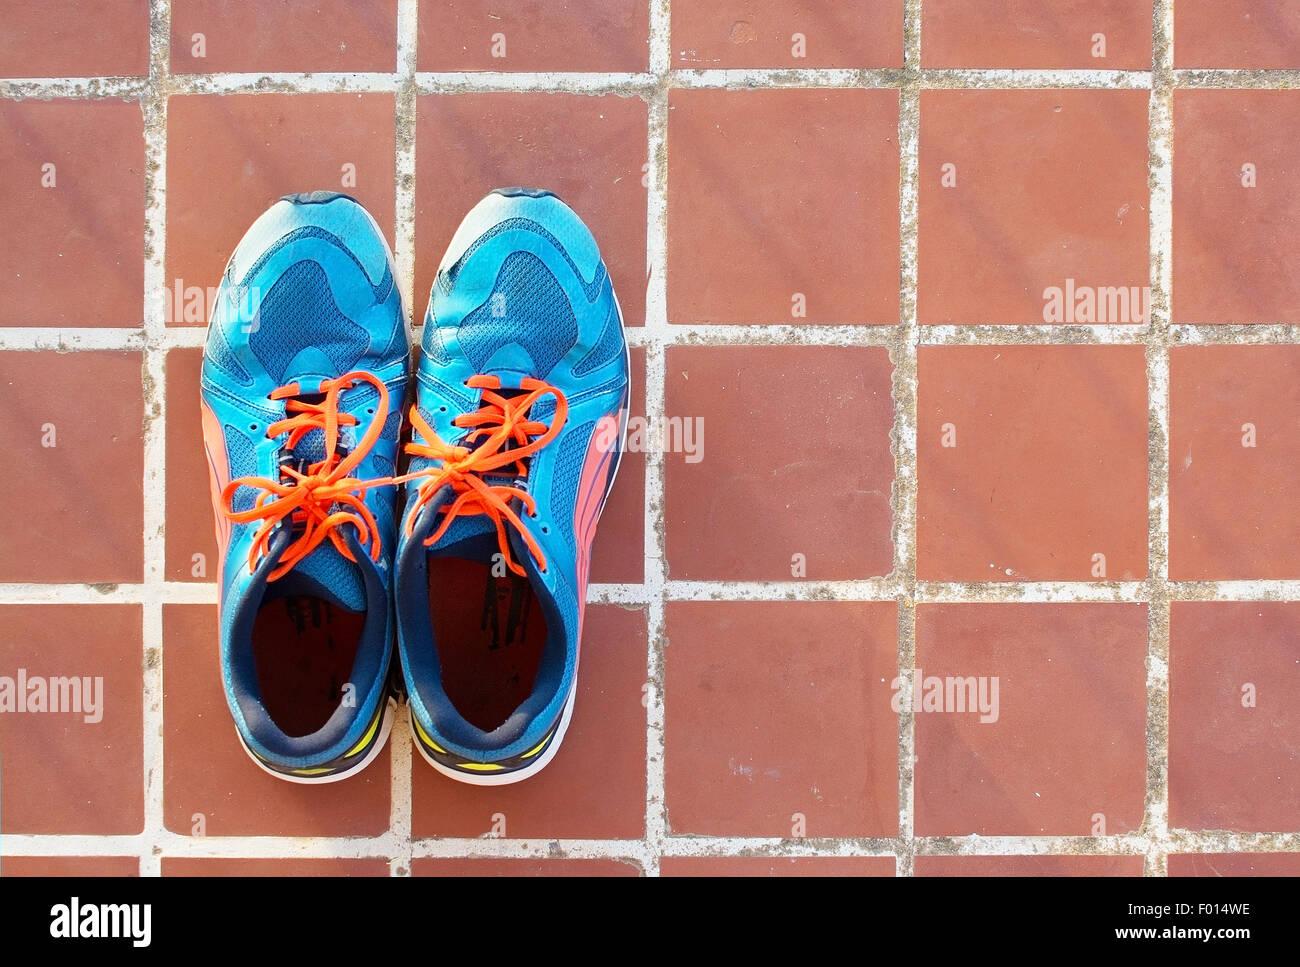 Chaussures de sport bleu sur un sol en terre cuite carreaux carrés texture de fond. Photo Stock